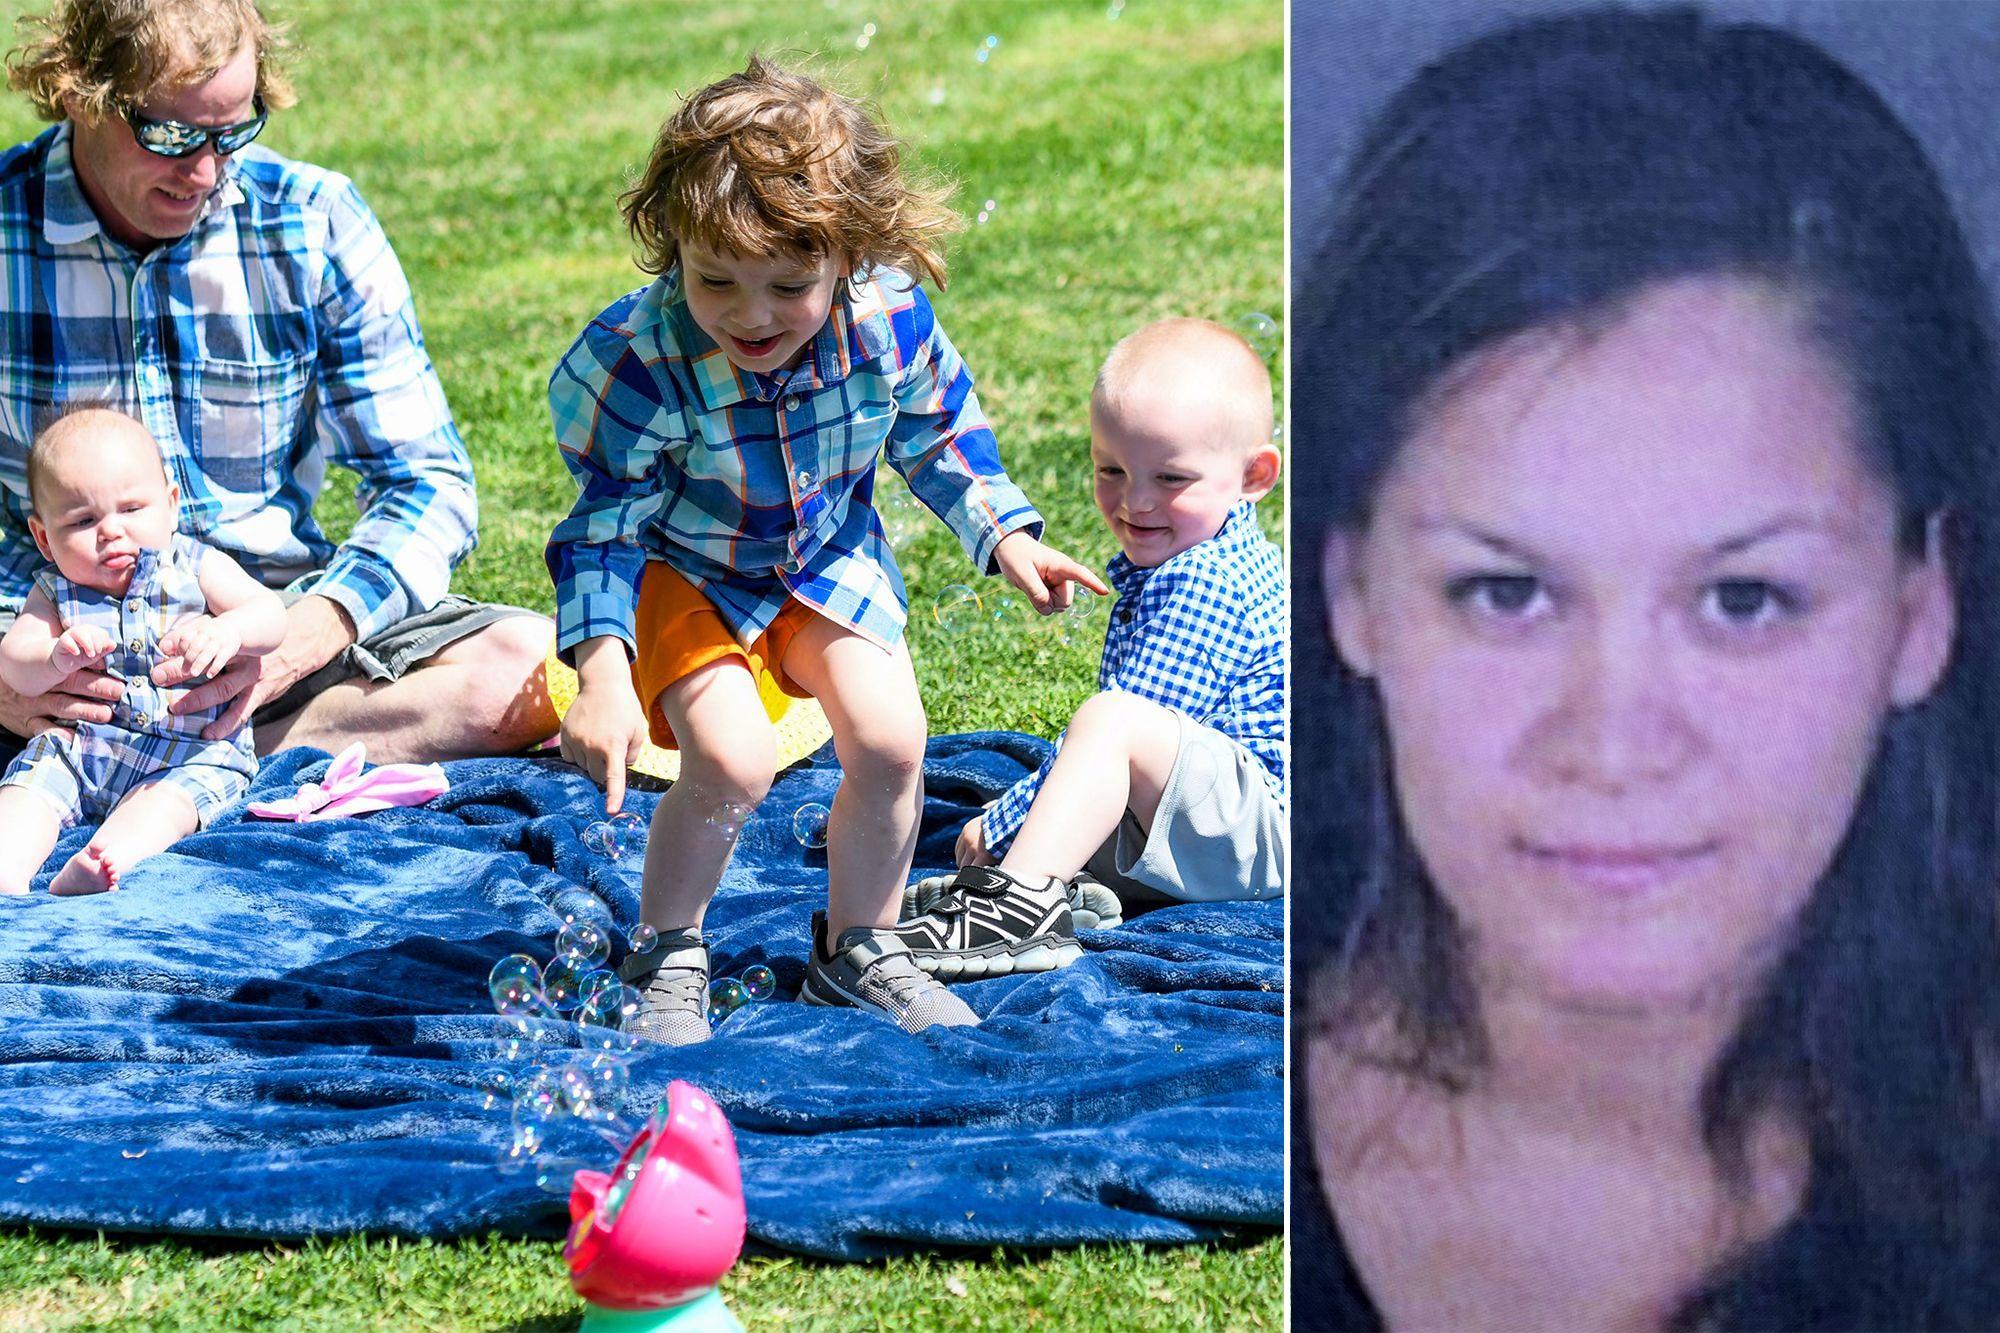 親手殺害三幼童(左)的母親Lilian Carrillo(右)另被控四項劫車重罪。GoFundMe/ LAPD